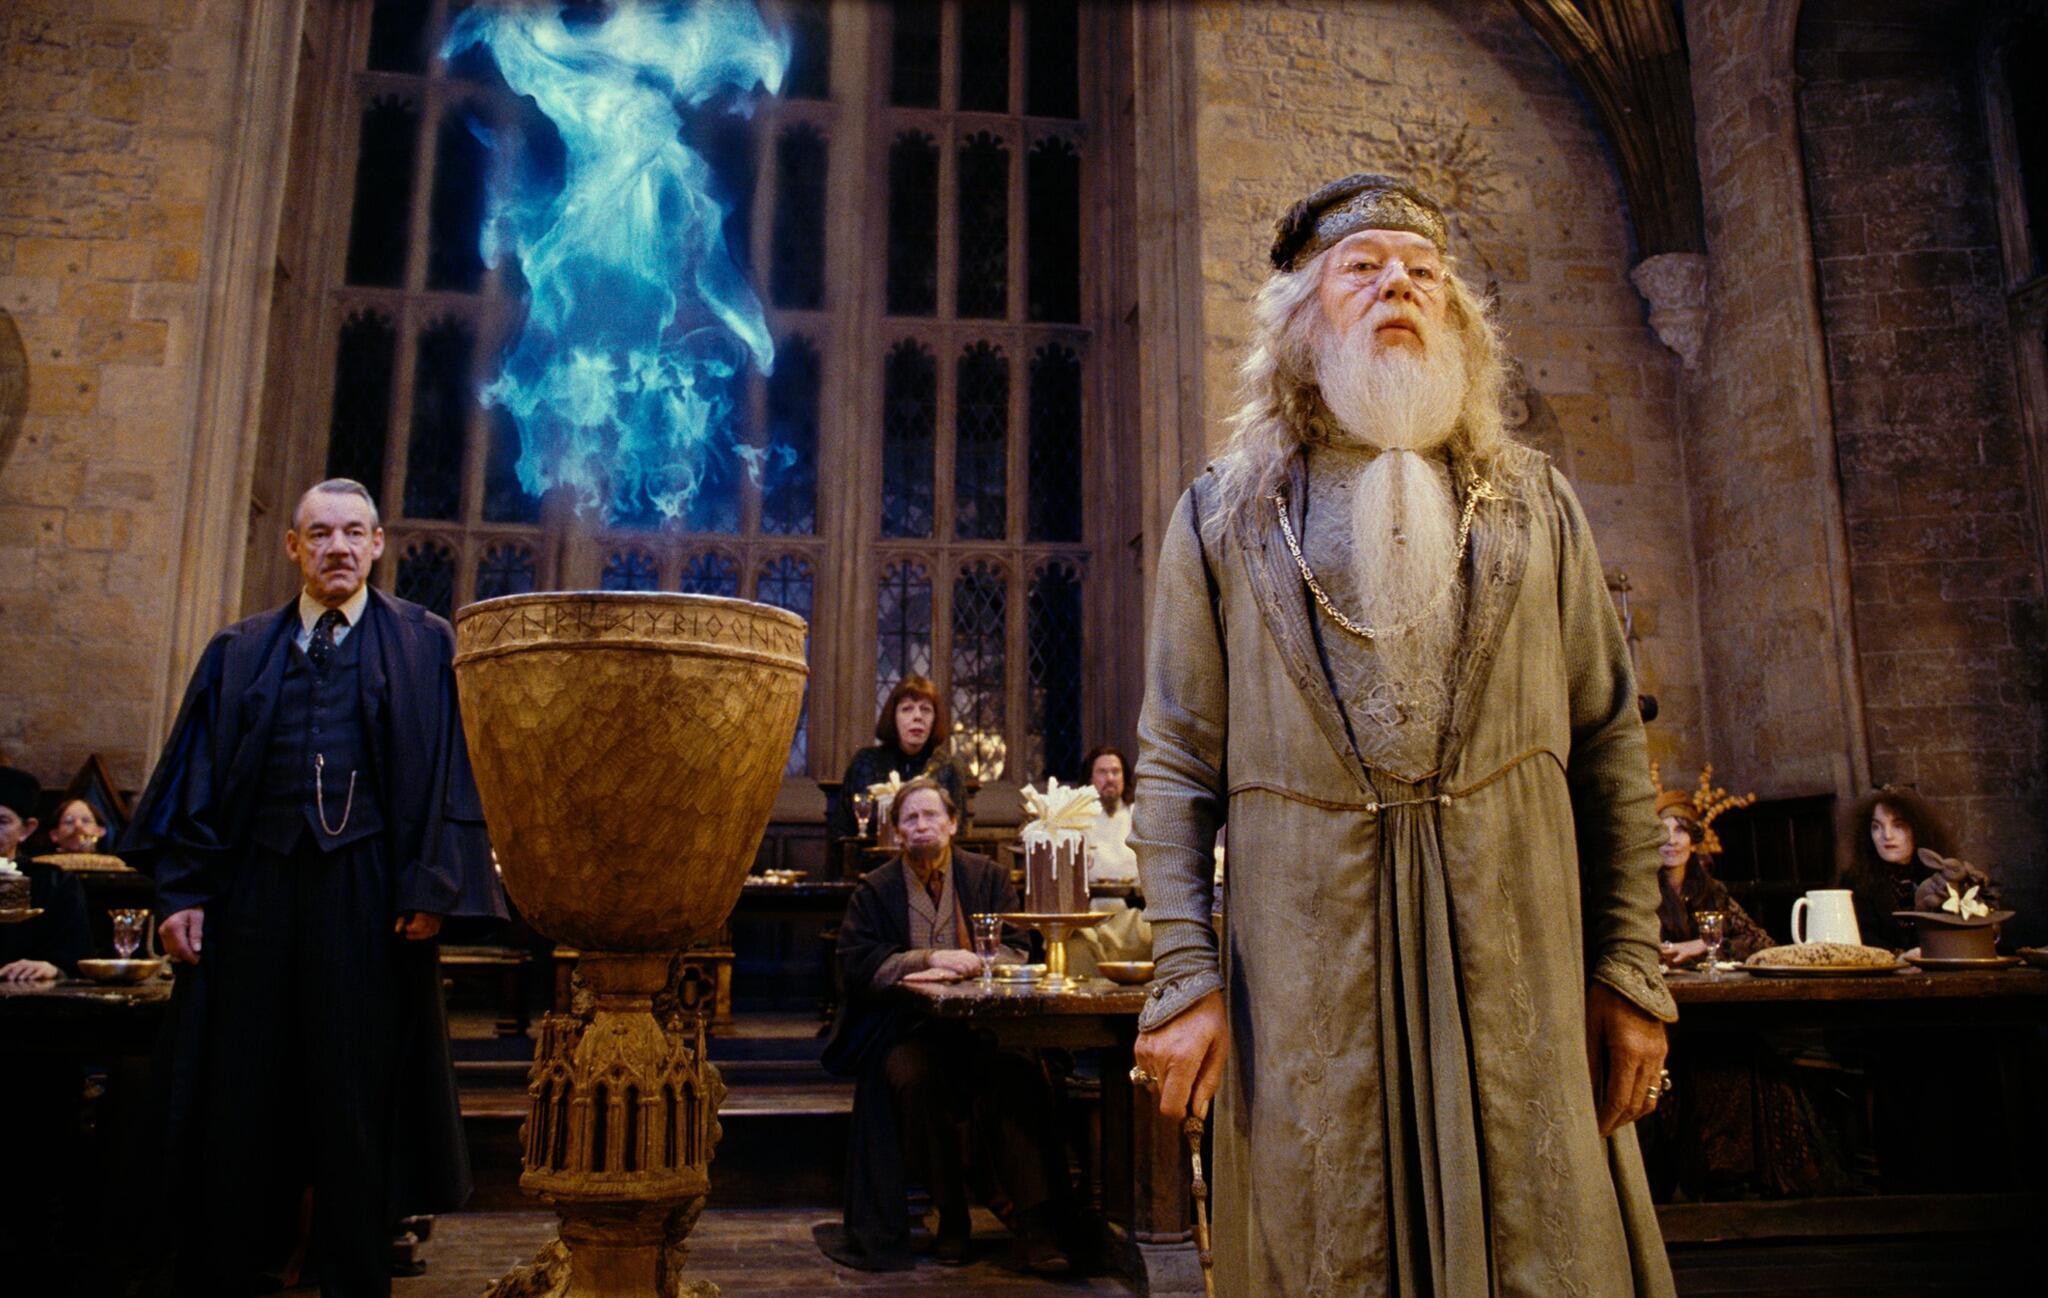 или пластичная картинки магия волшебство поттериана стали помогать, приняв